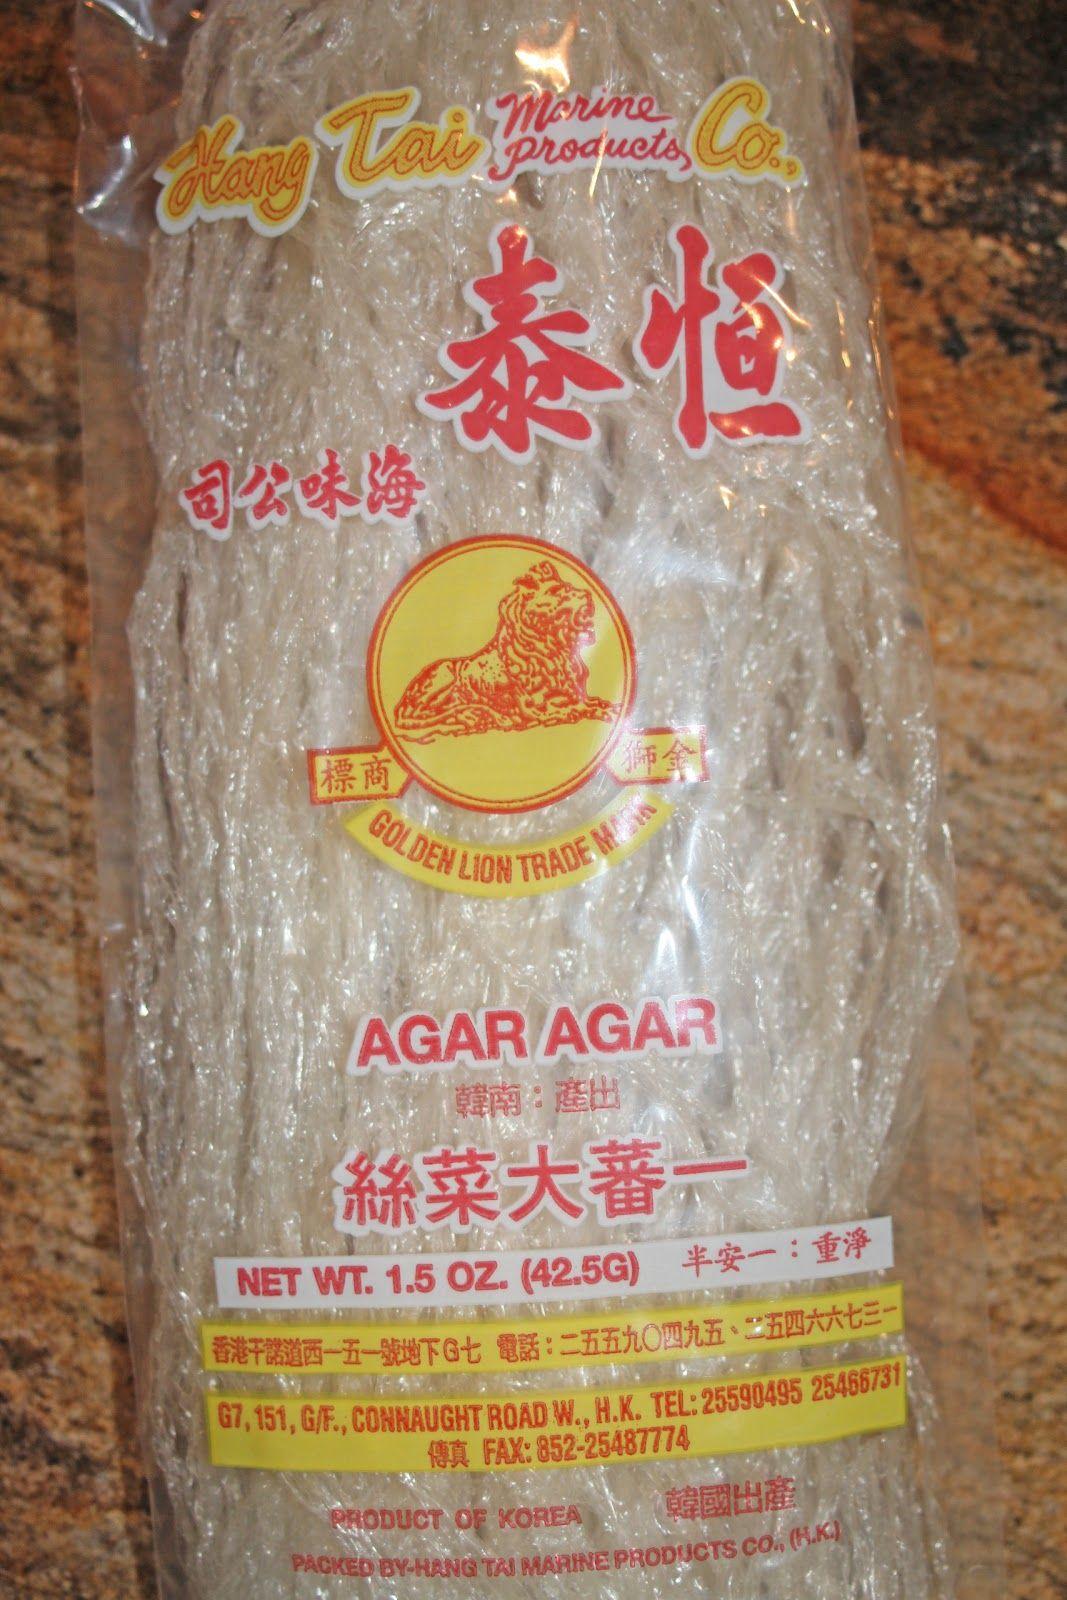 Agar-Agar has a mixture of two polysaccharides namely agarose and agaropectin.